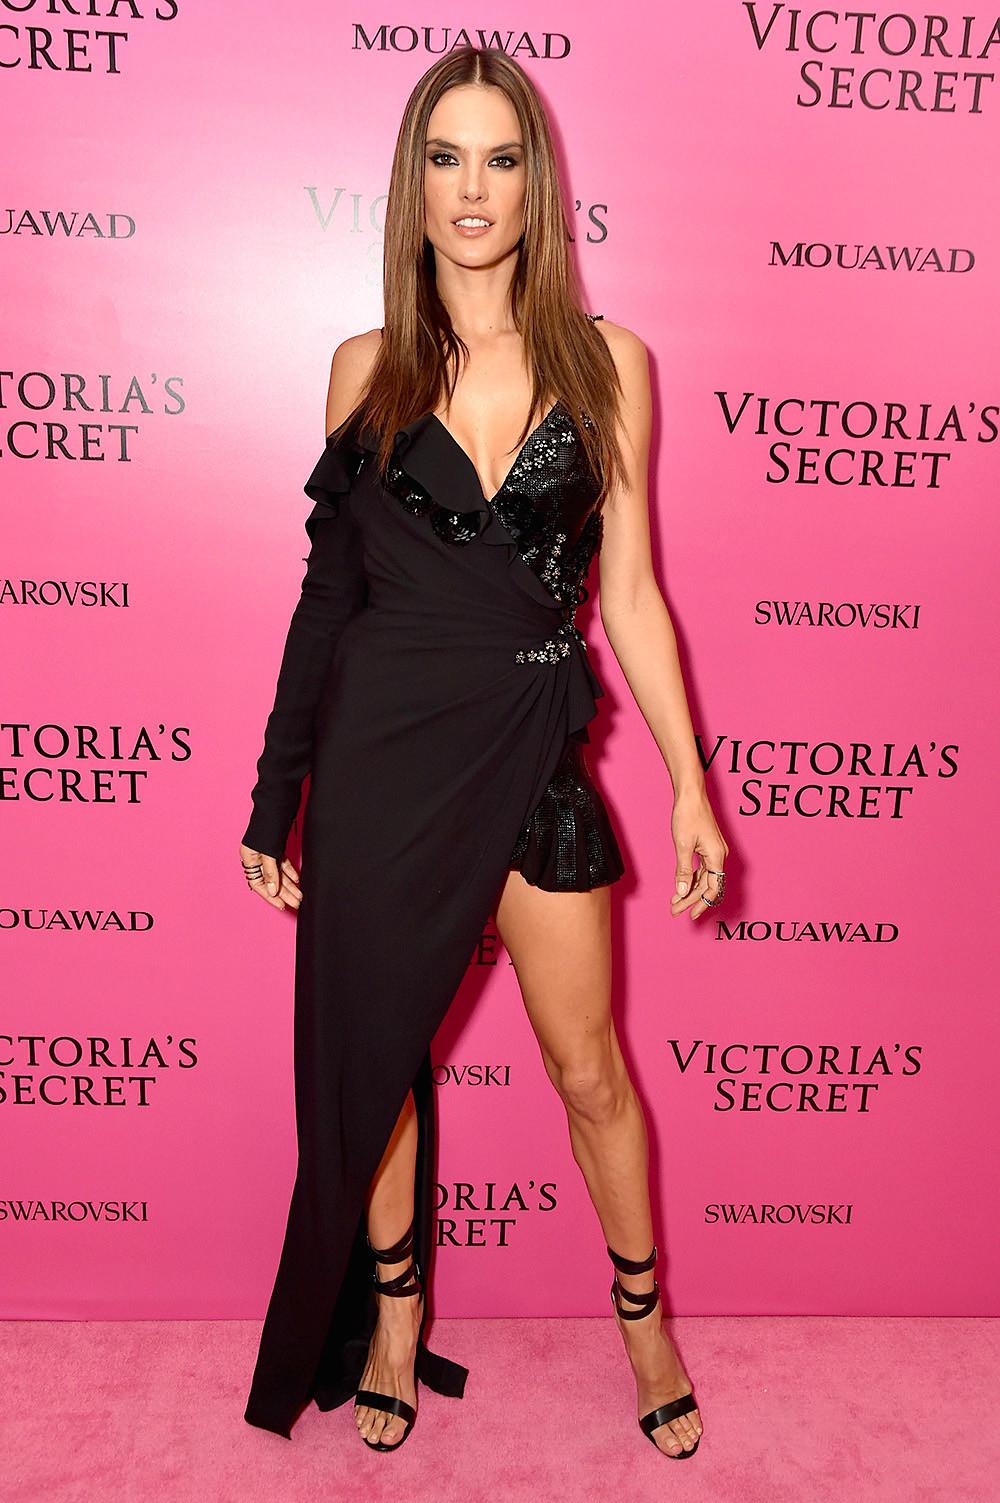 Афтепати Victoria's Secret: 20 самых красивых девушки планеты во плоти